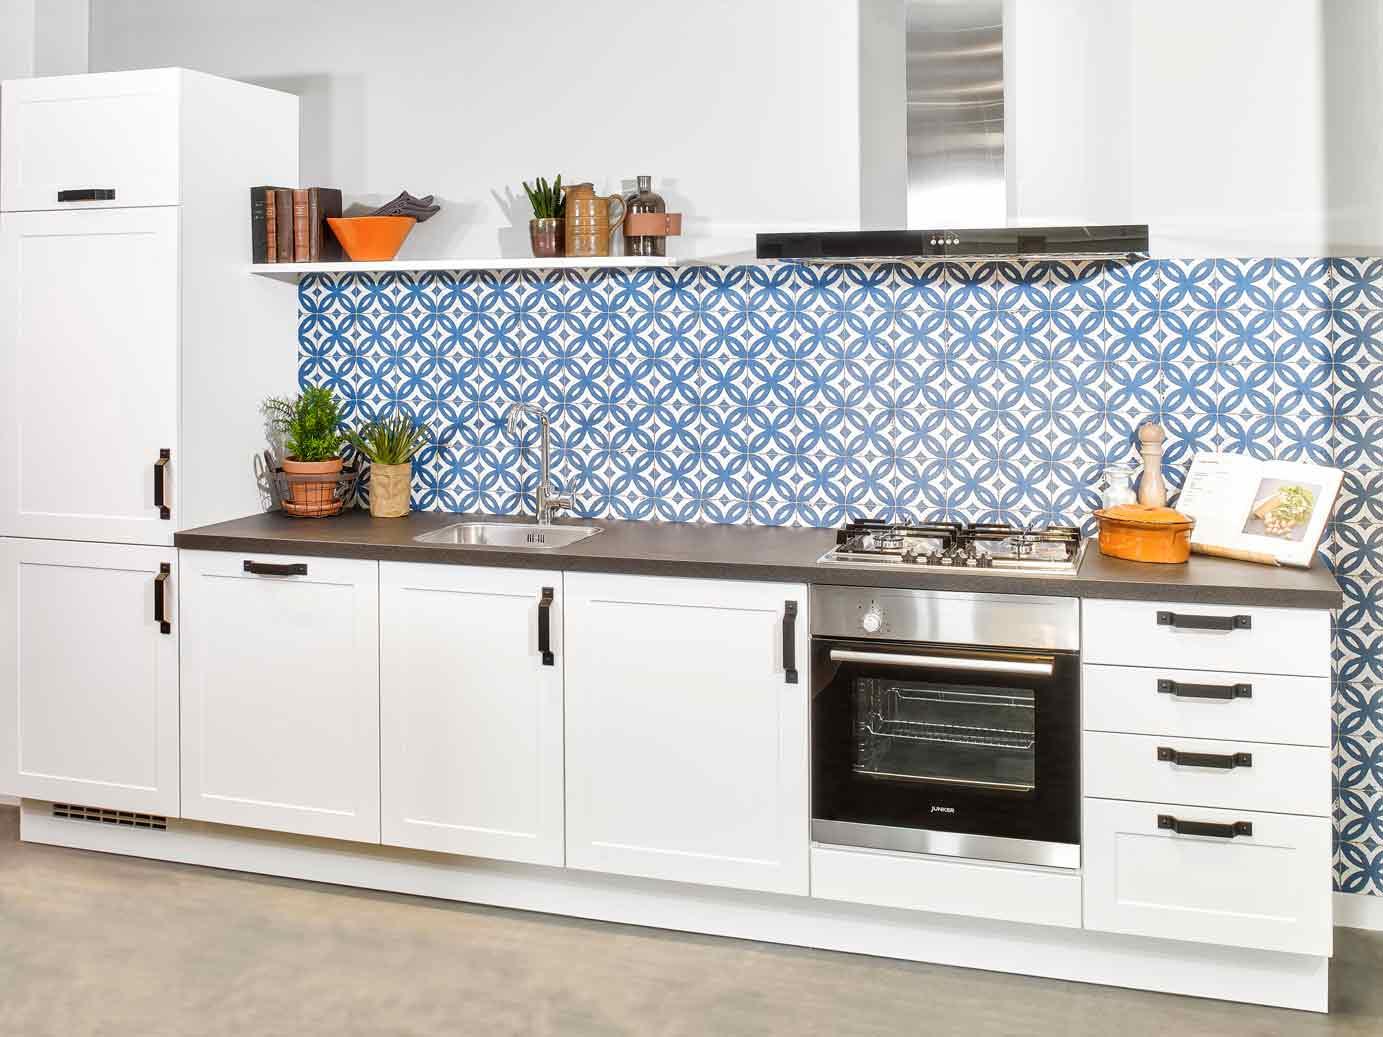 Goedkope Rechte Keukens : Goedkope tijdloze keuken kopen bekijk prijzen en foto s db keukens